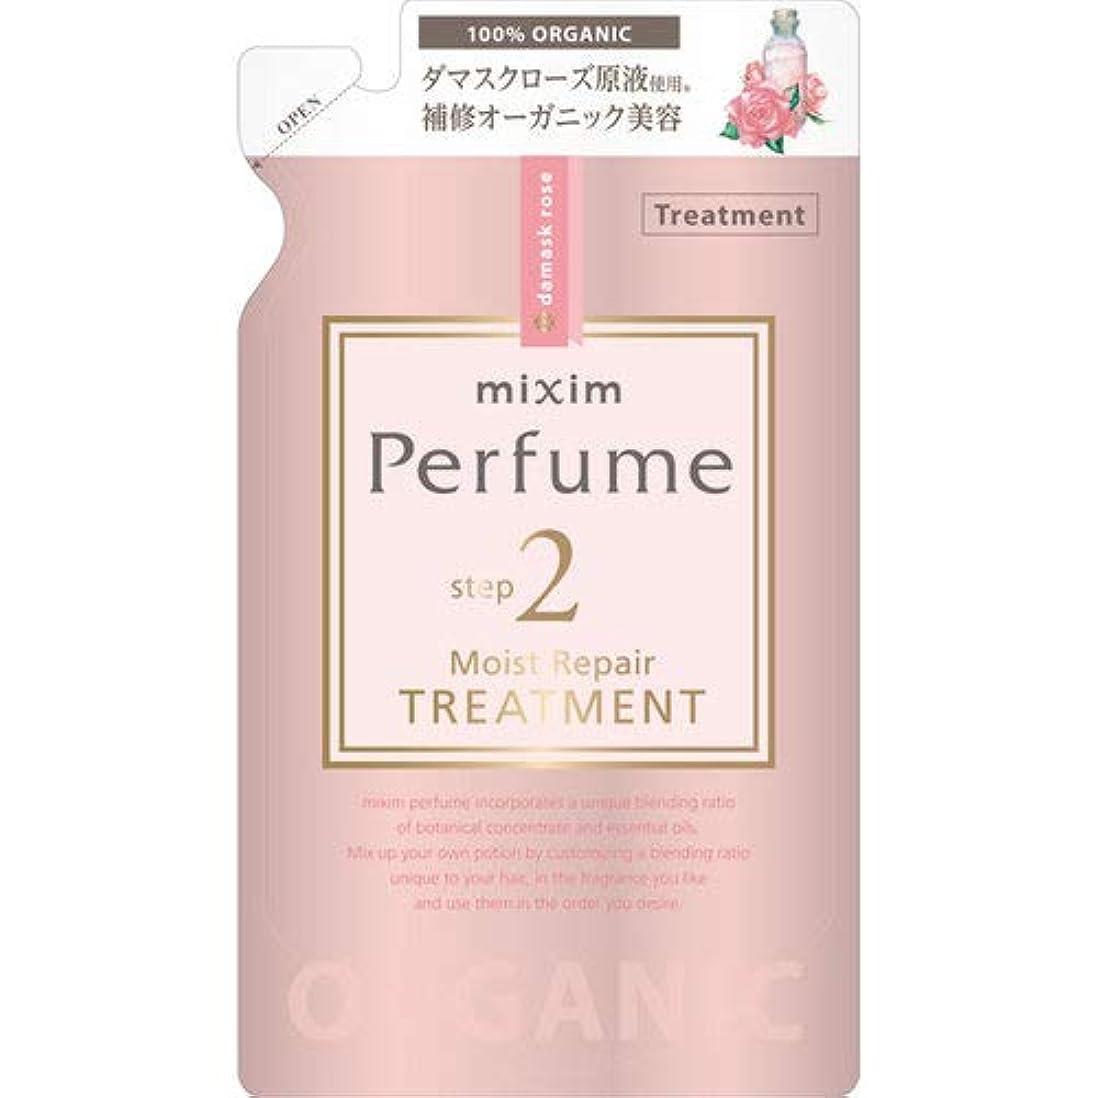 故意のどんなときもハードリングmixim Perfume(ミクシムパフューム) モイストリペア ヘアトリートメントつめかえ用 350g